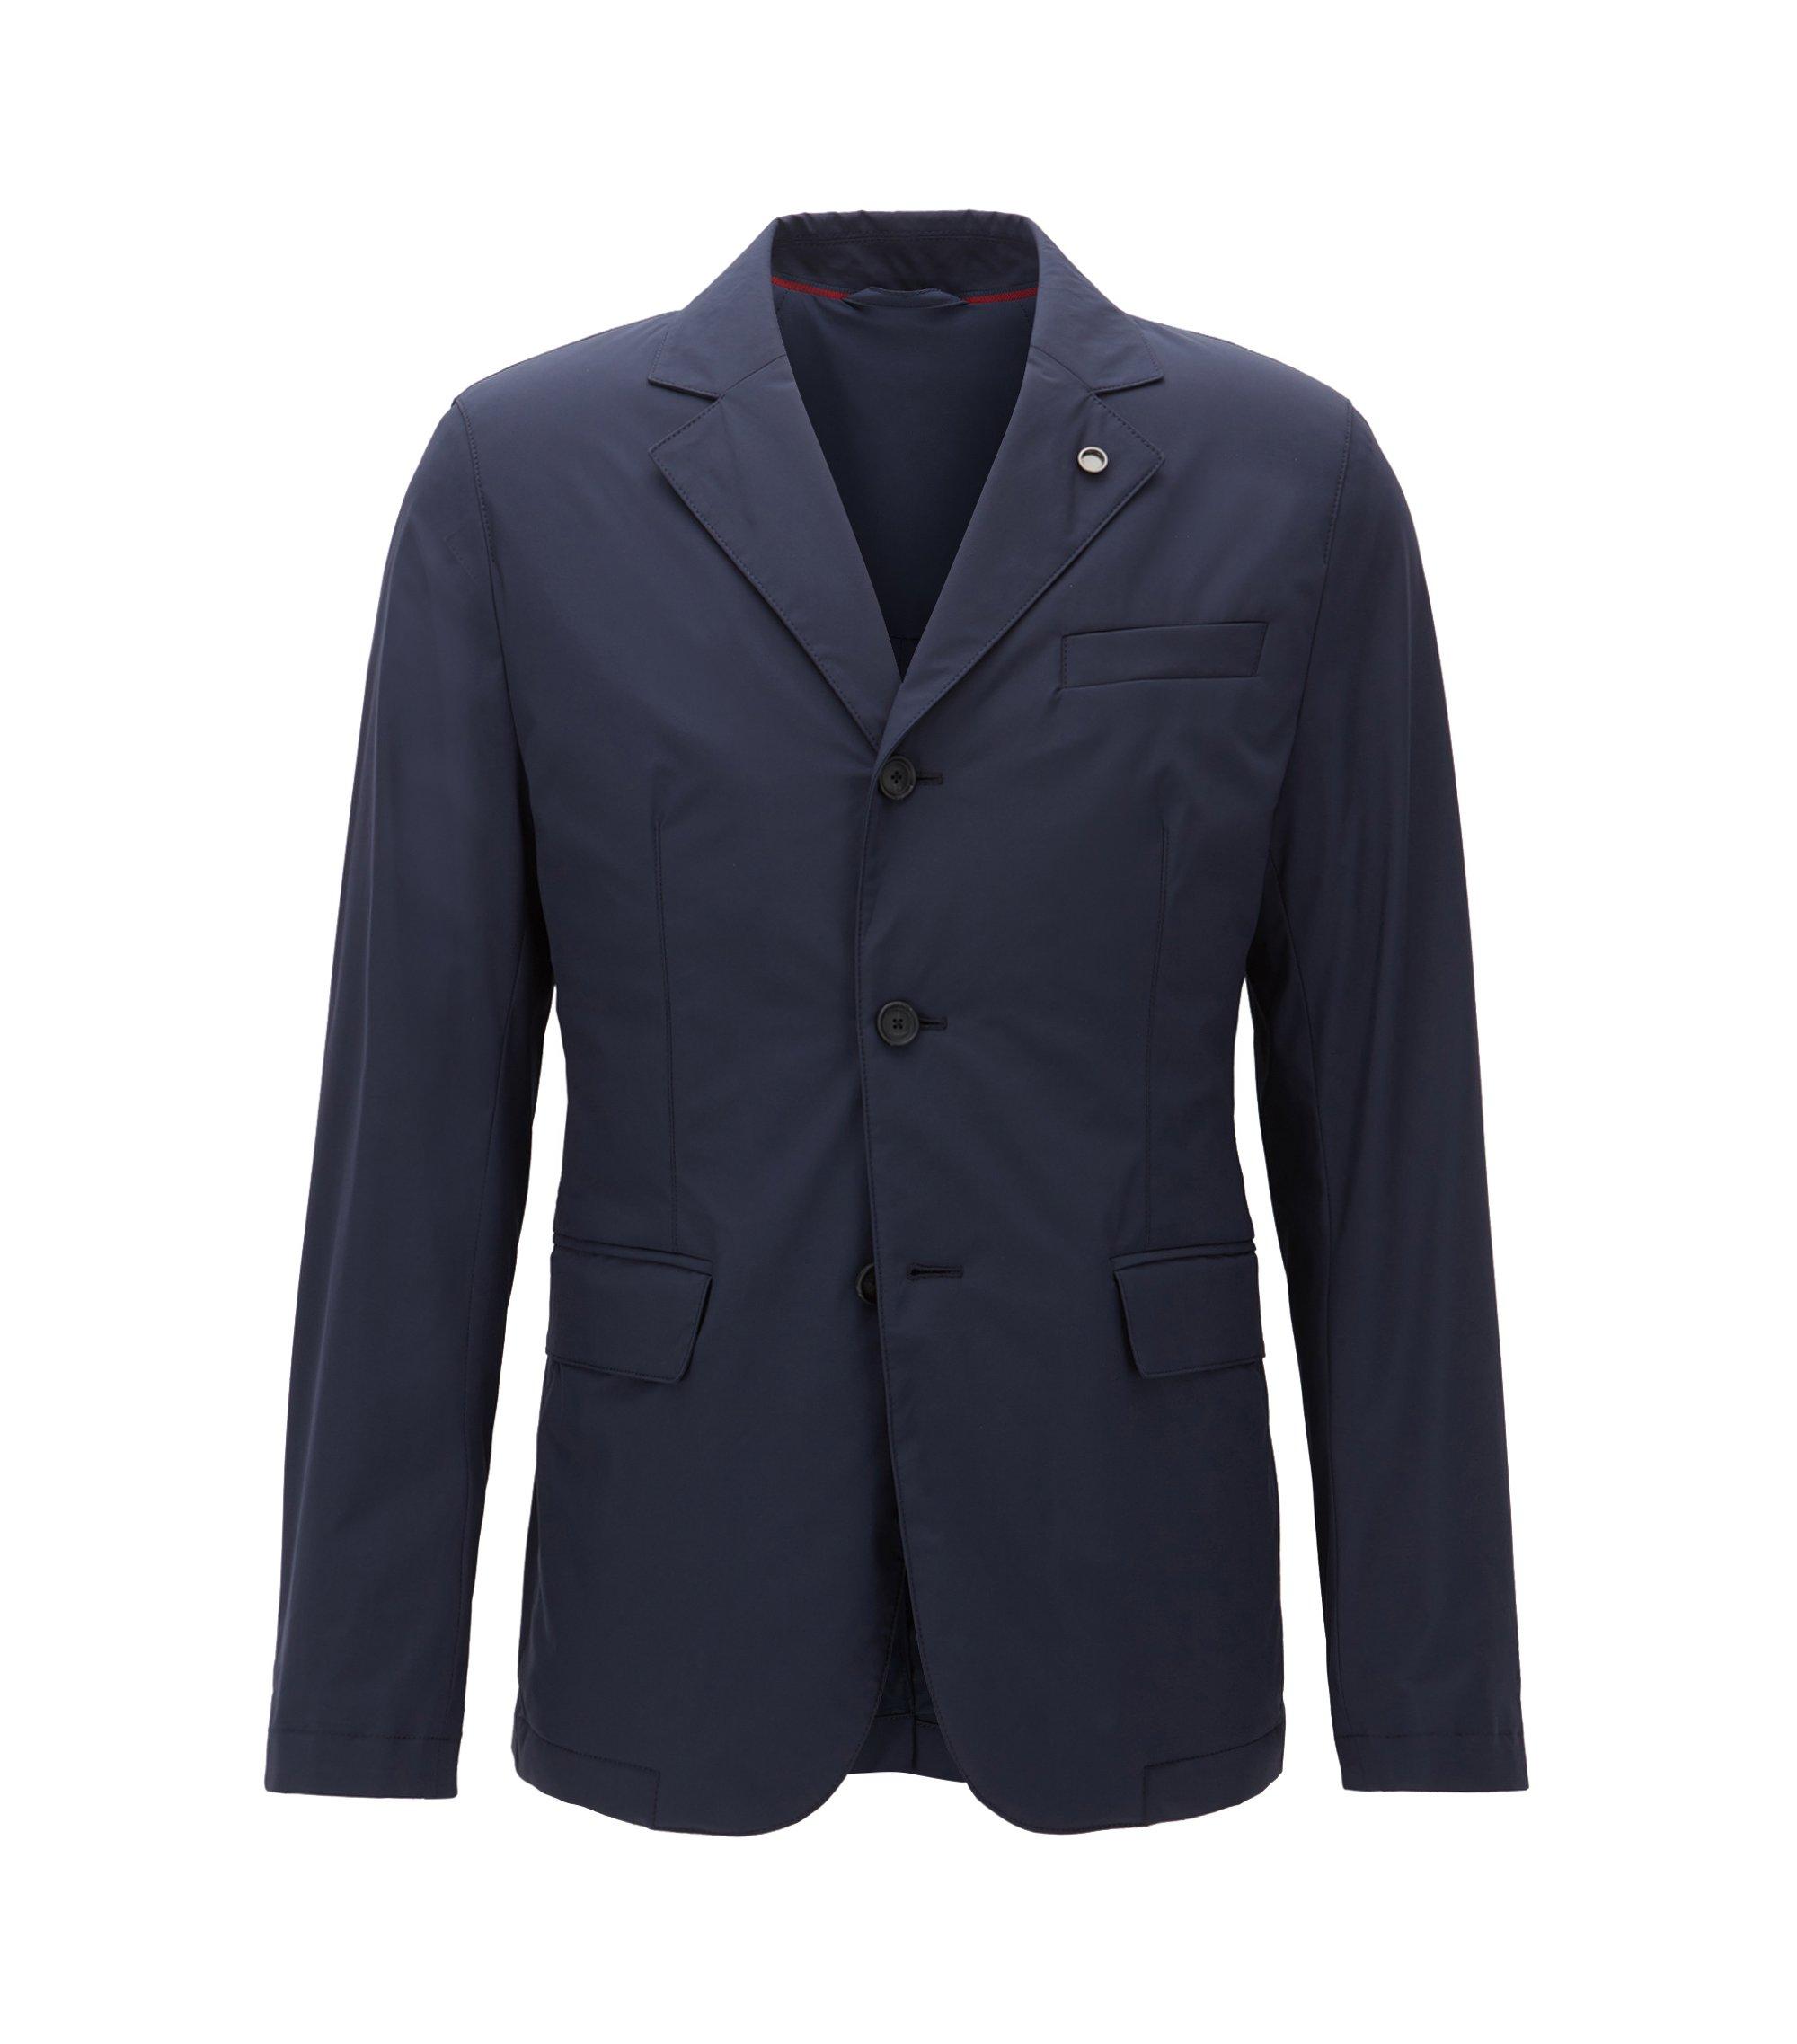 Veste Slim Fit imperméable en tissu technique stretch, Bleu foncé